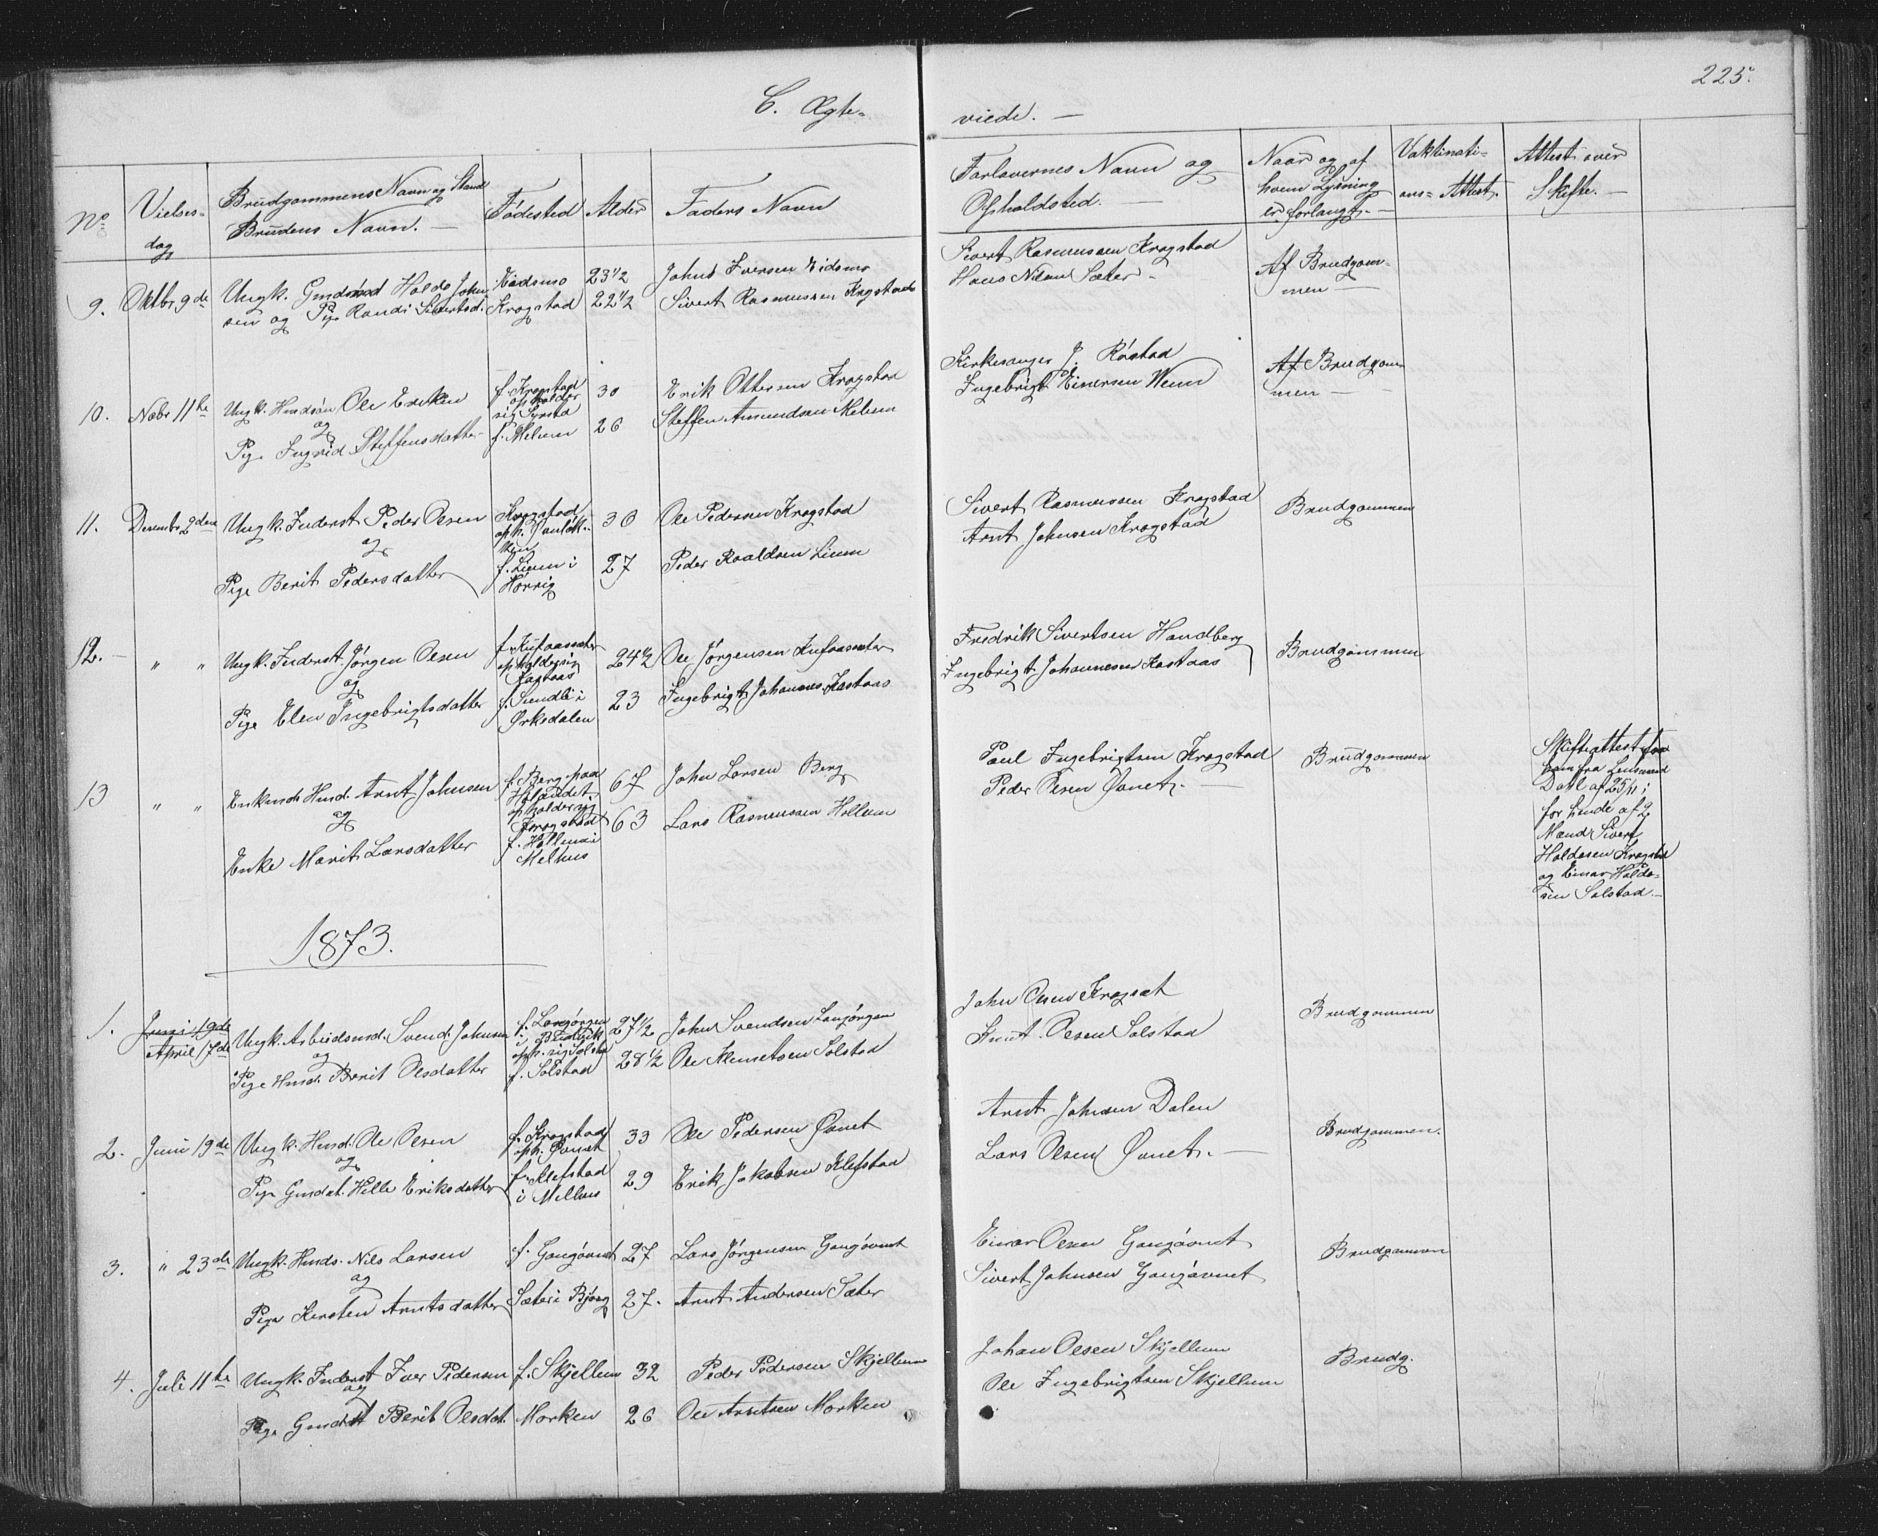 SAT, Ministerialprotokoller, klokkerbøker og fødselsregistre - Sør-Trøndelag, 667/L0798: Klokkerbok nr. 667C03, 1867-1929, s. 225